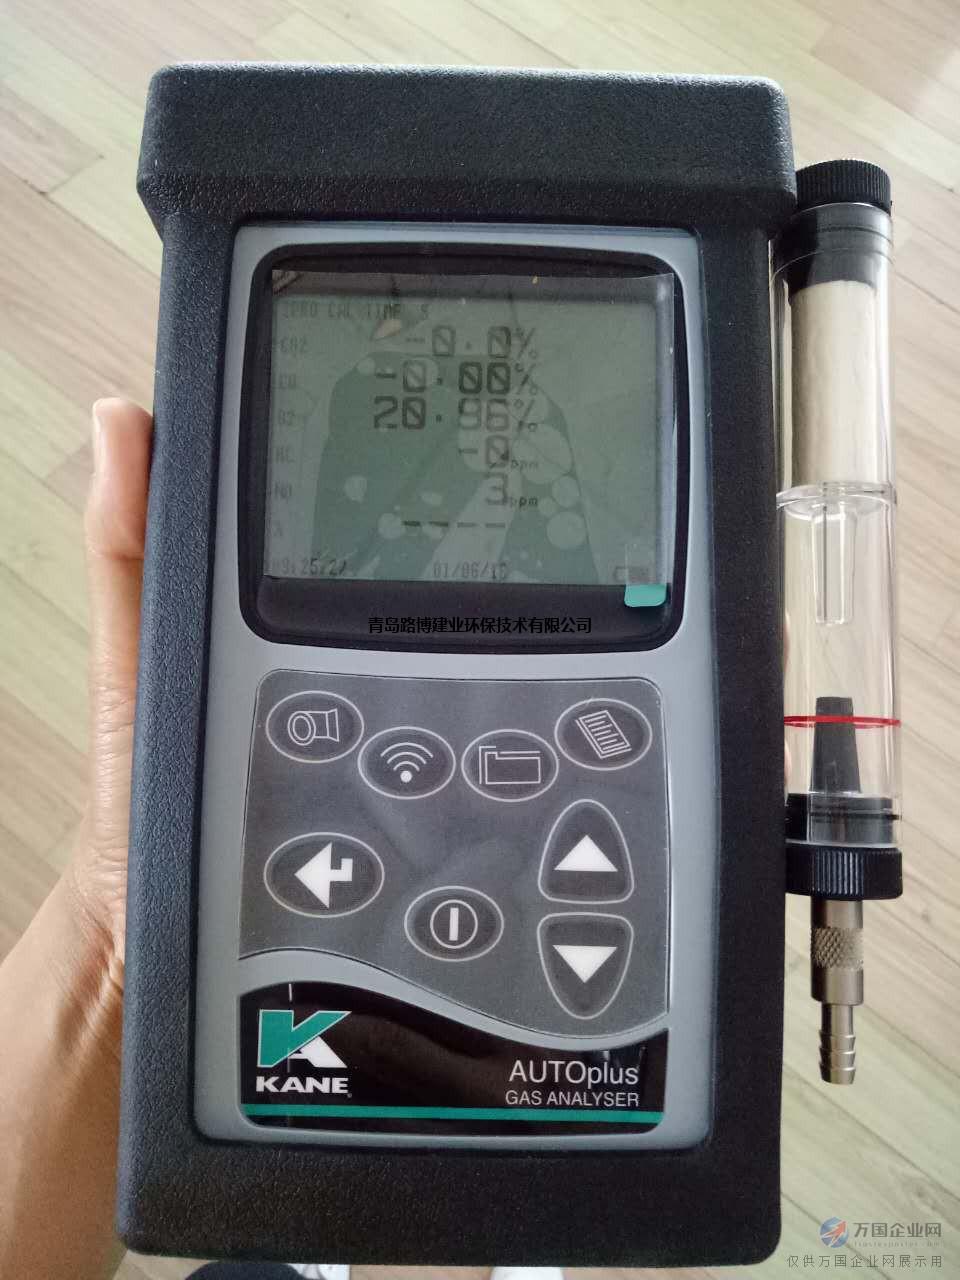 auto5-2pluse汽车尾气分析仪-中美2535亿大单